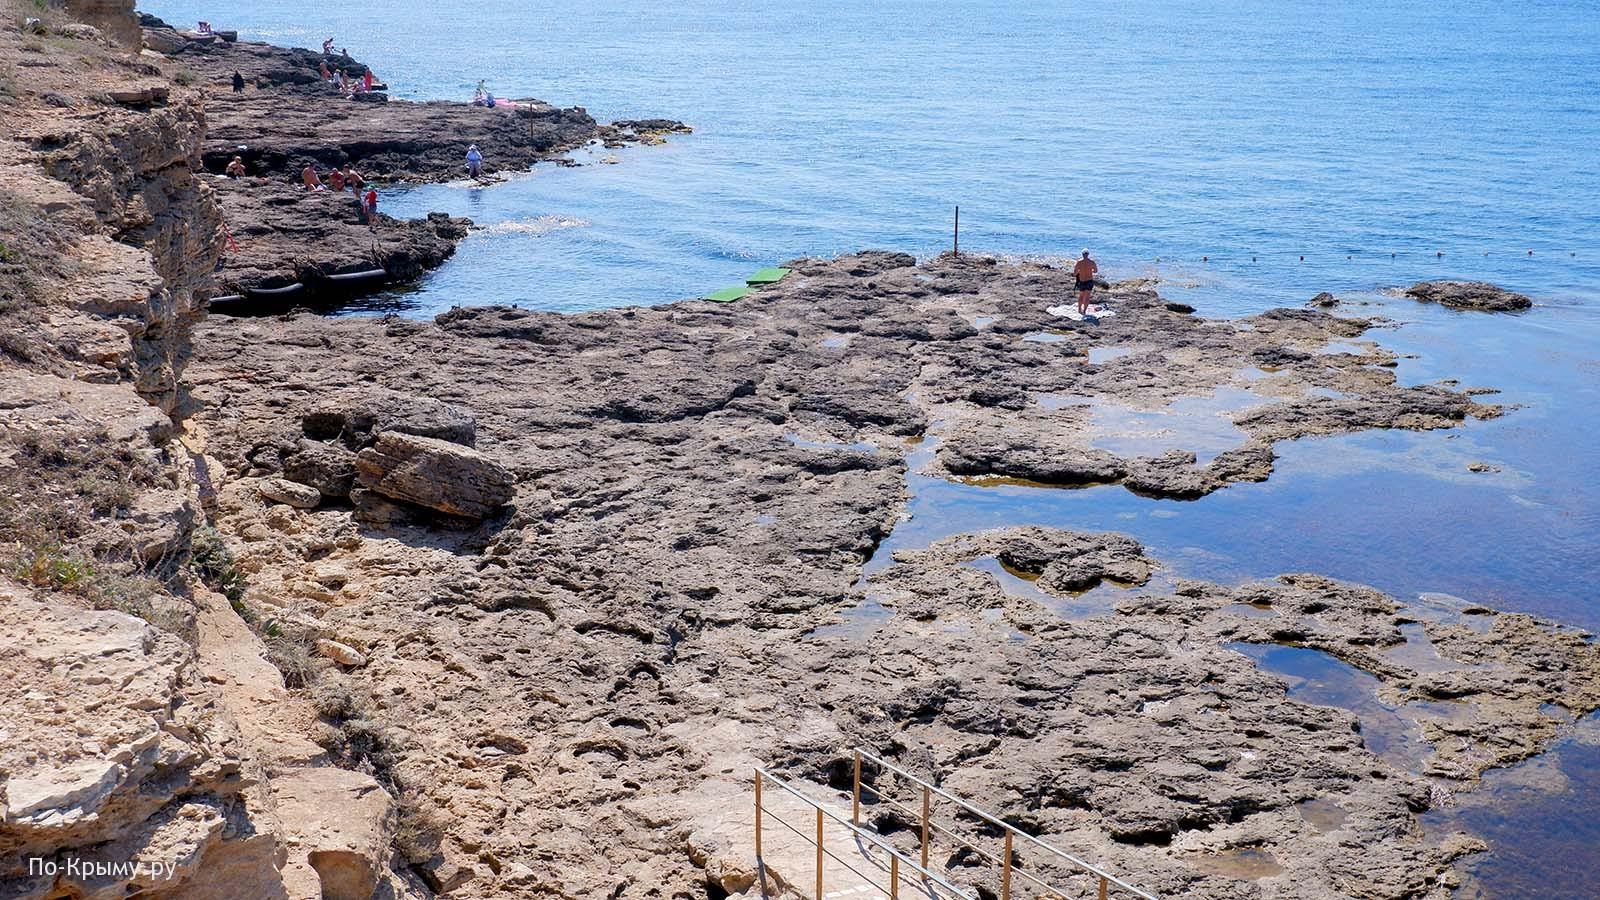 Бухта Любви - одна из достопримечательностей Тарханкута